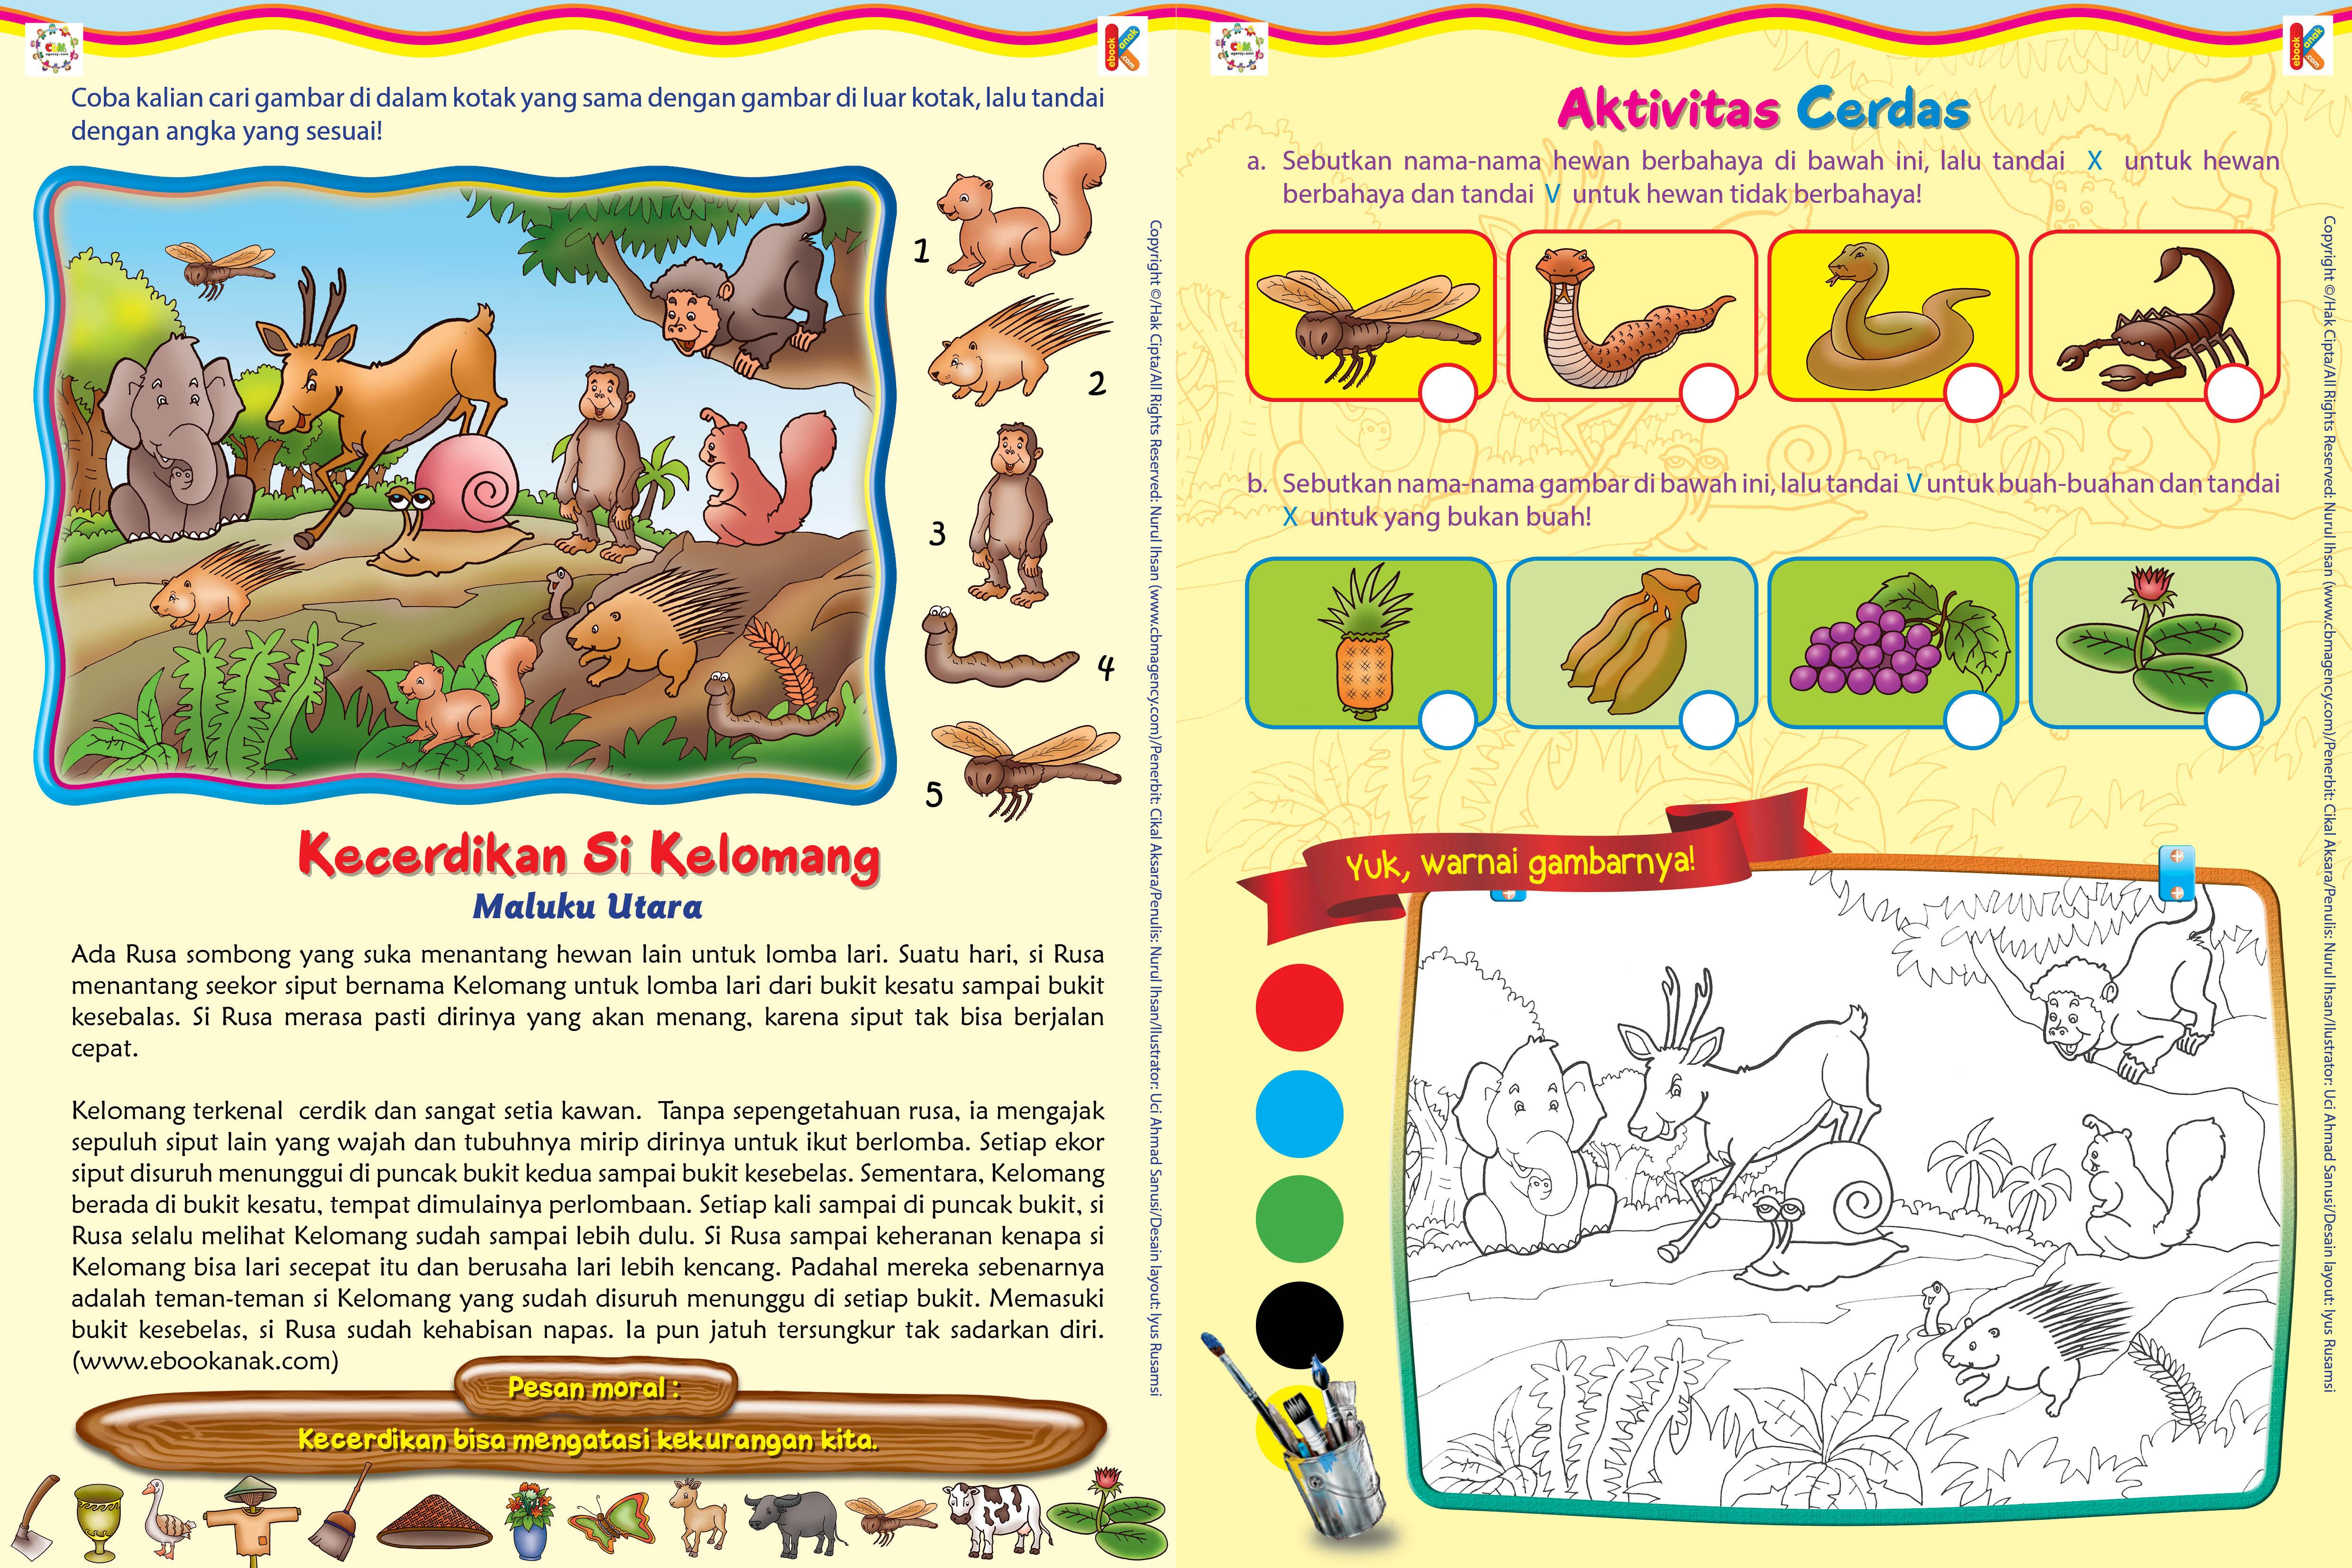 Suatu hari, si Rusa menantang seekor siput bernama Kelomang untuk lomba lari dari bukit kesatu sampai bukit kesebalas.